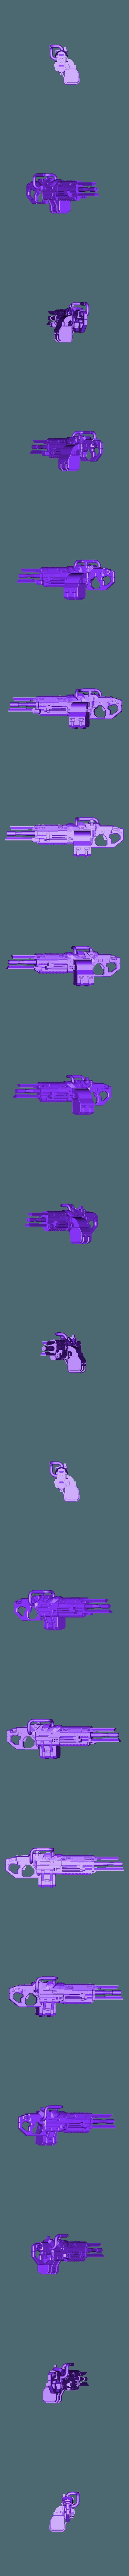 Tone Rifle v3.obj Télécharger fichier OBJ gratuit Le fusil de précision TitanFall 2 et le canon traqueur de 40 mm • Plan imprimable en 3D, MaxWillson